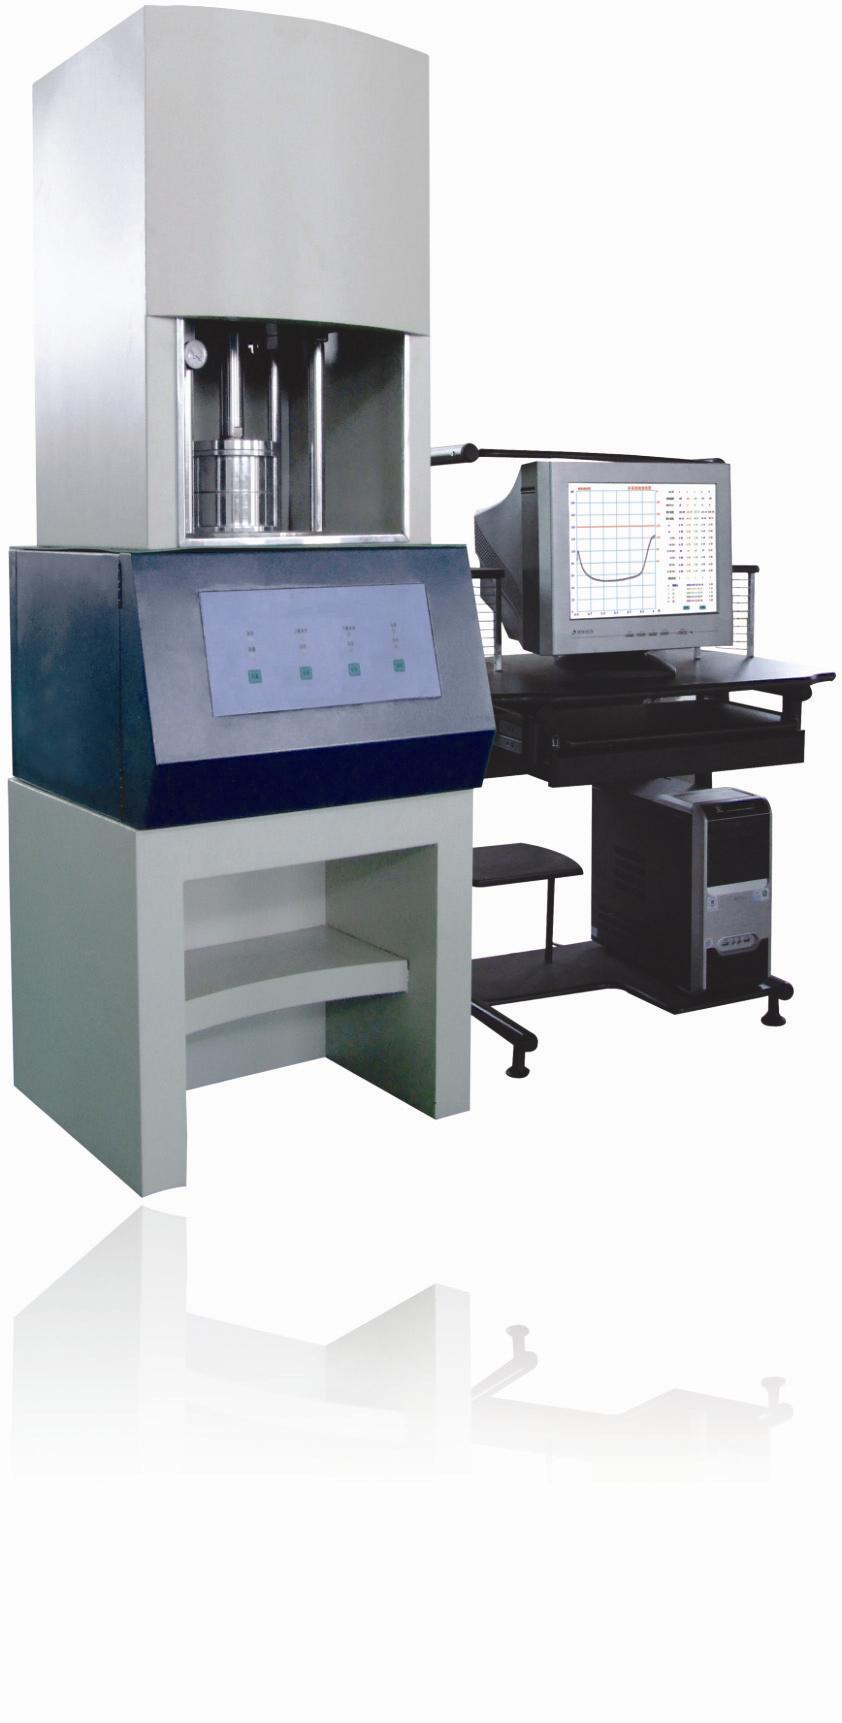 橡胶硫化仪的原理与作用,知识详解!